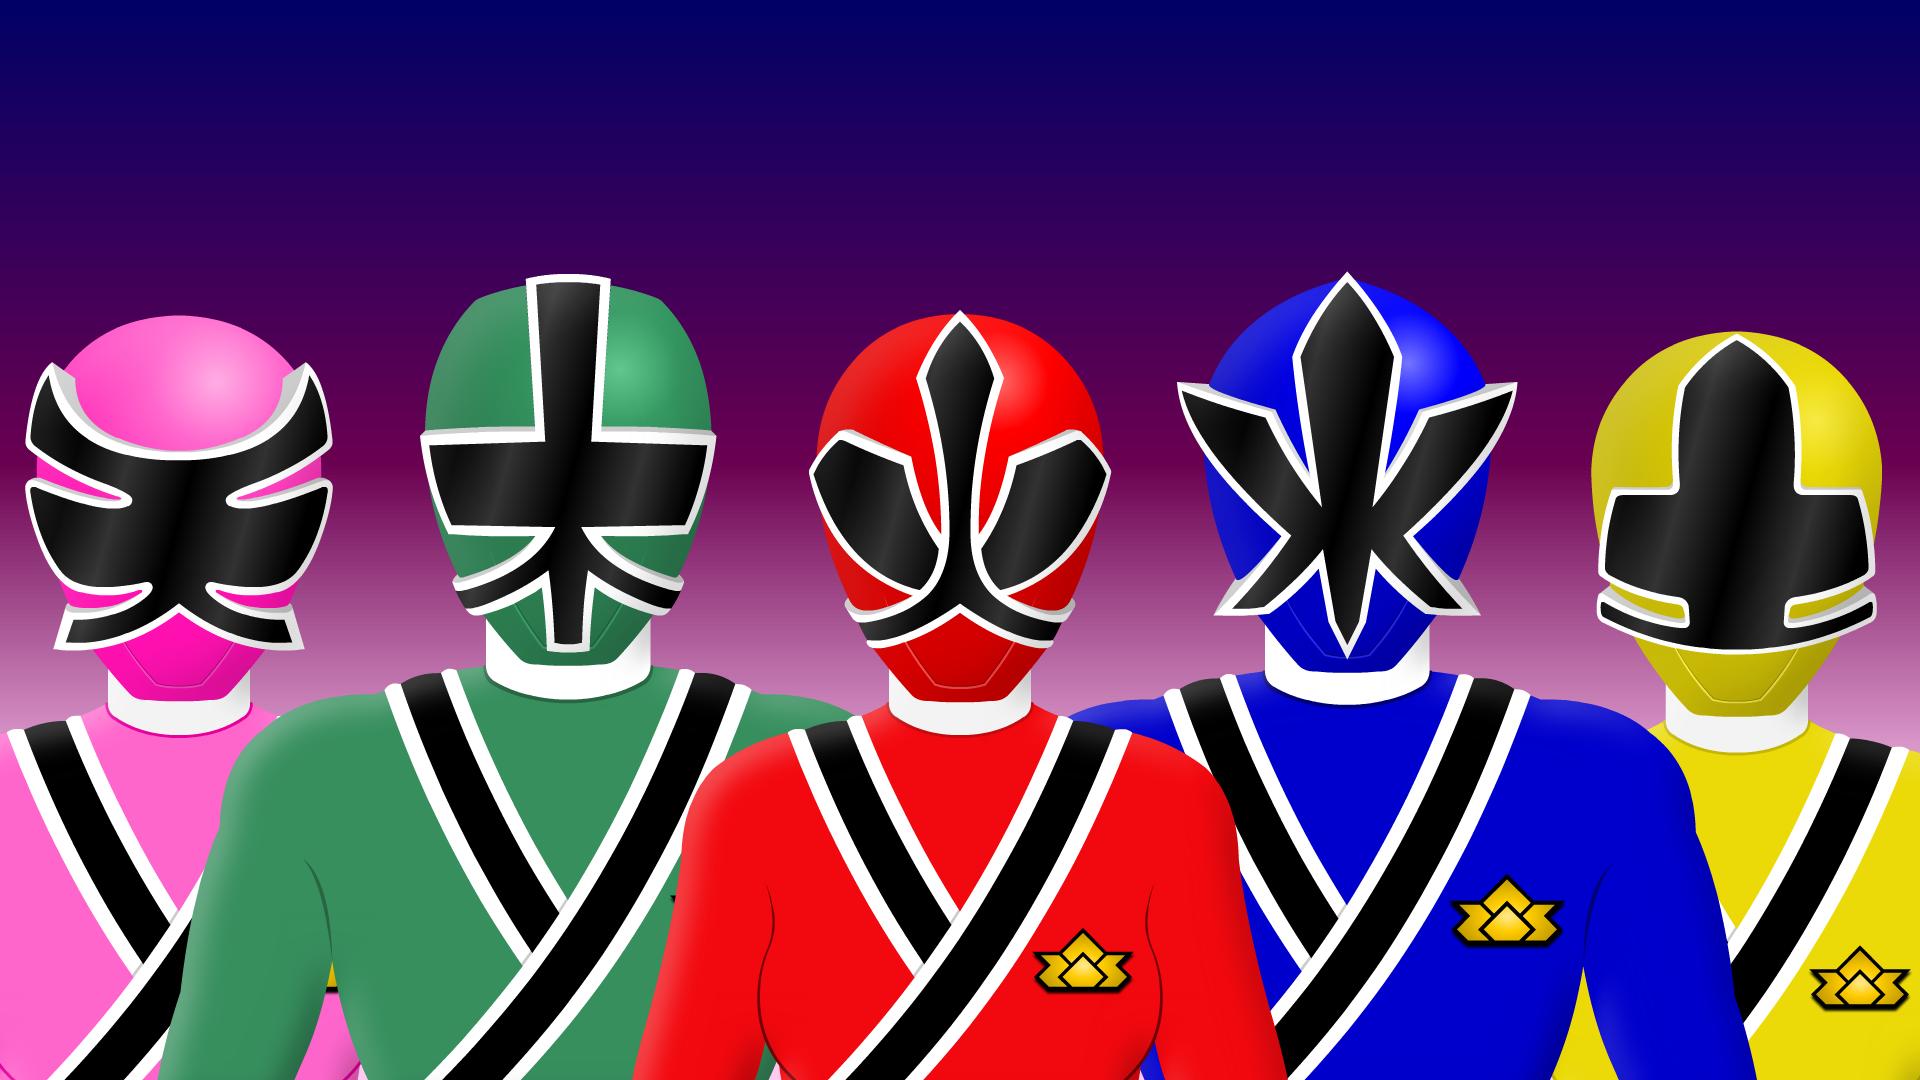 Power rangers samurai super samurai on powerrangersfc deviantart yurtigo 16 1 true samurai sentai shinkenger by yurtigo buycottarizona